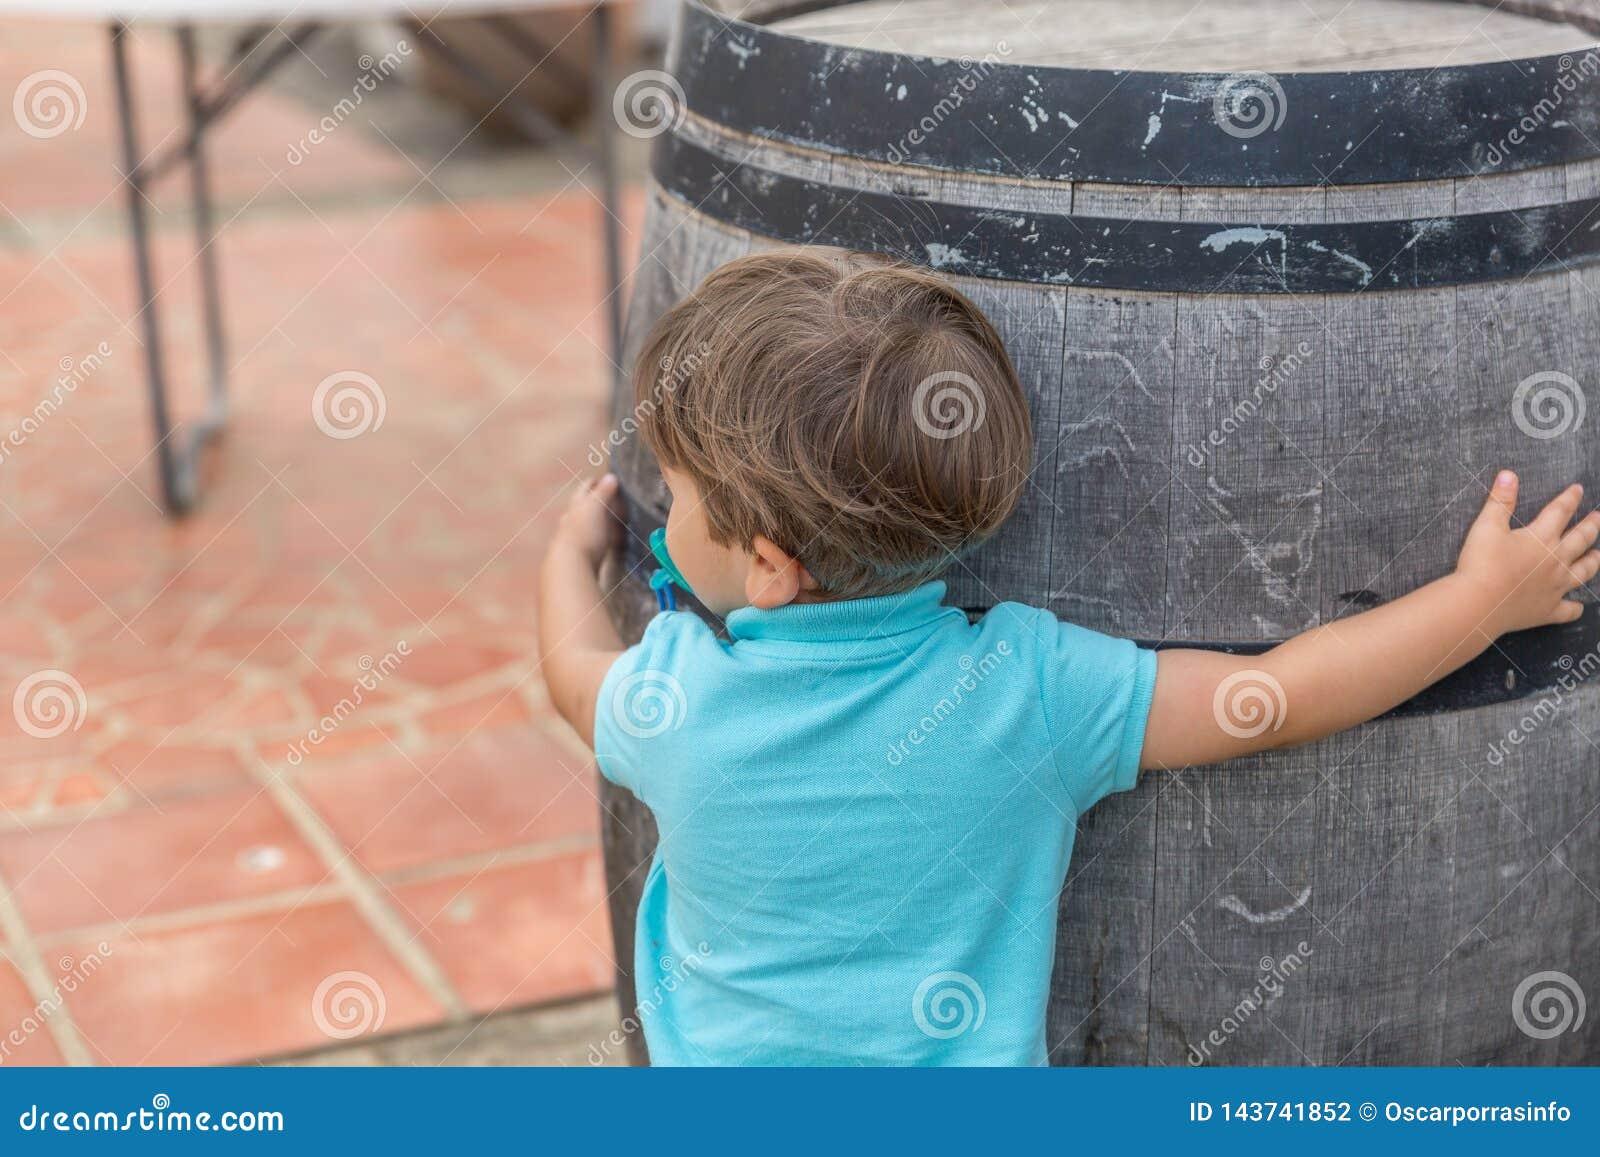 Славный мальчик одетый в сини с объятиями pacifier бочонок